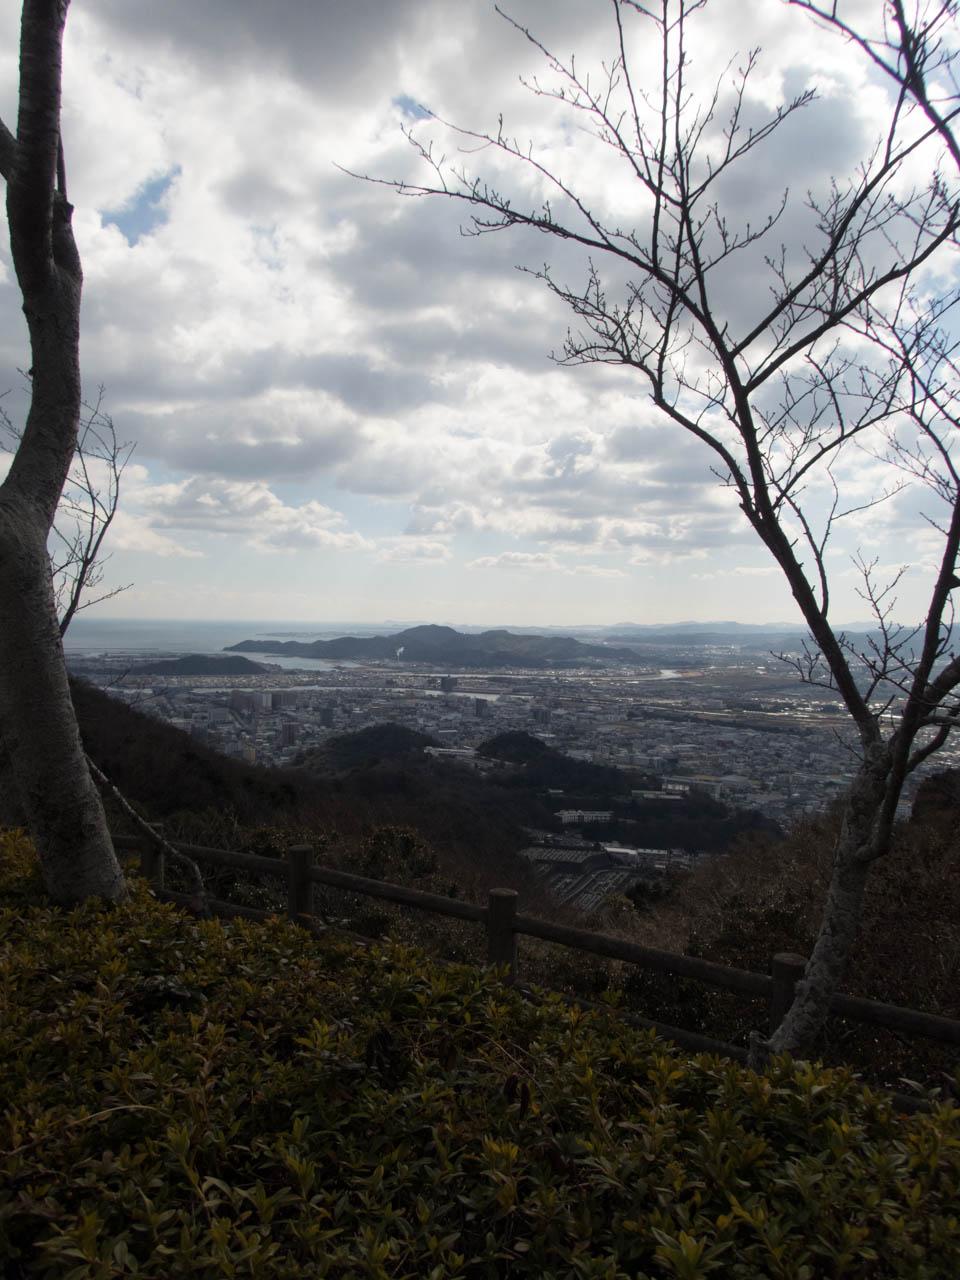 徳島市街地と、その向こうにある海がよく見渡せる